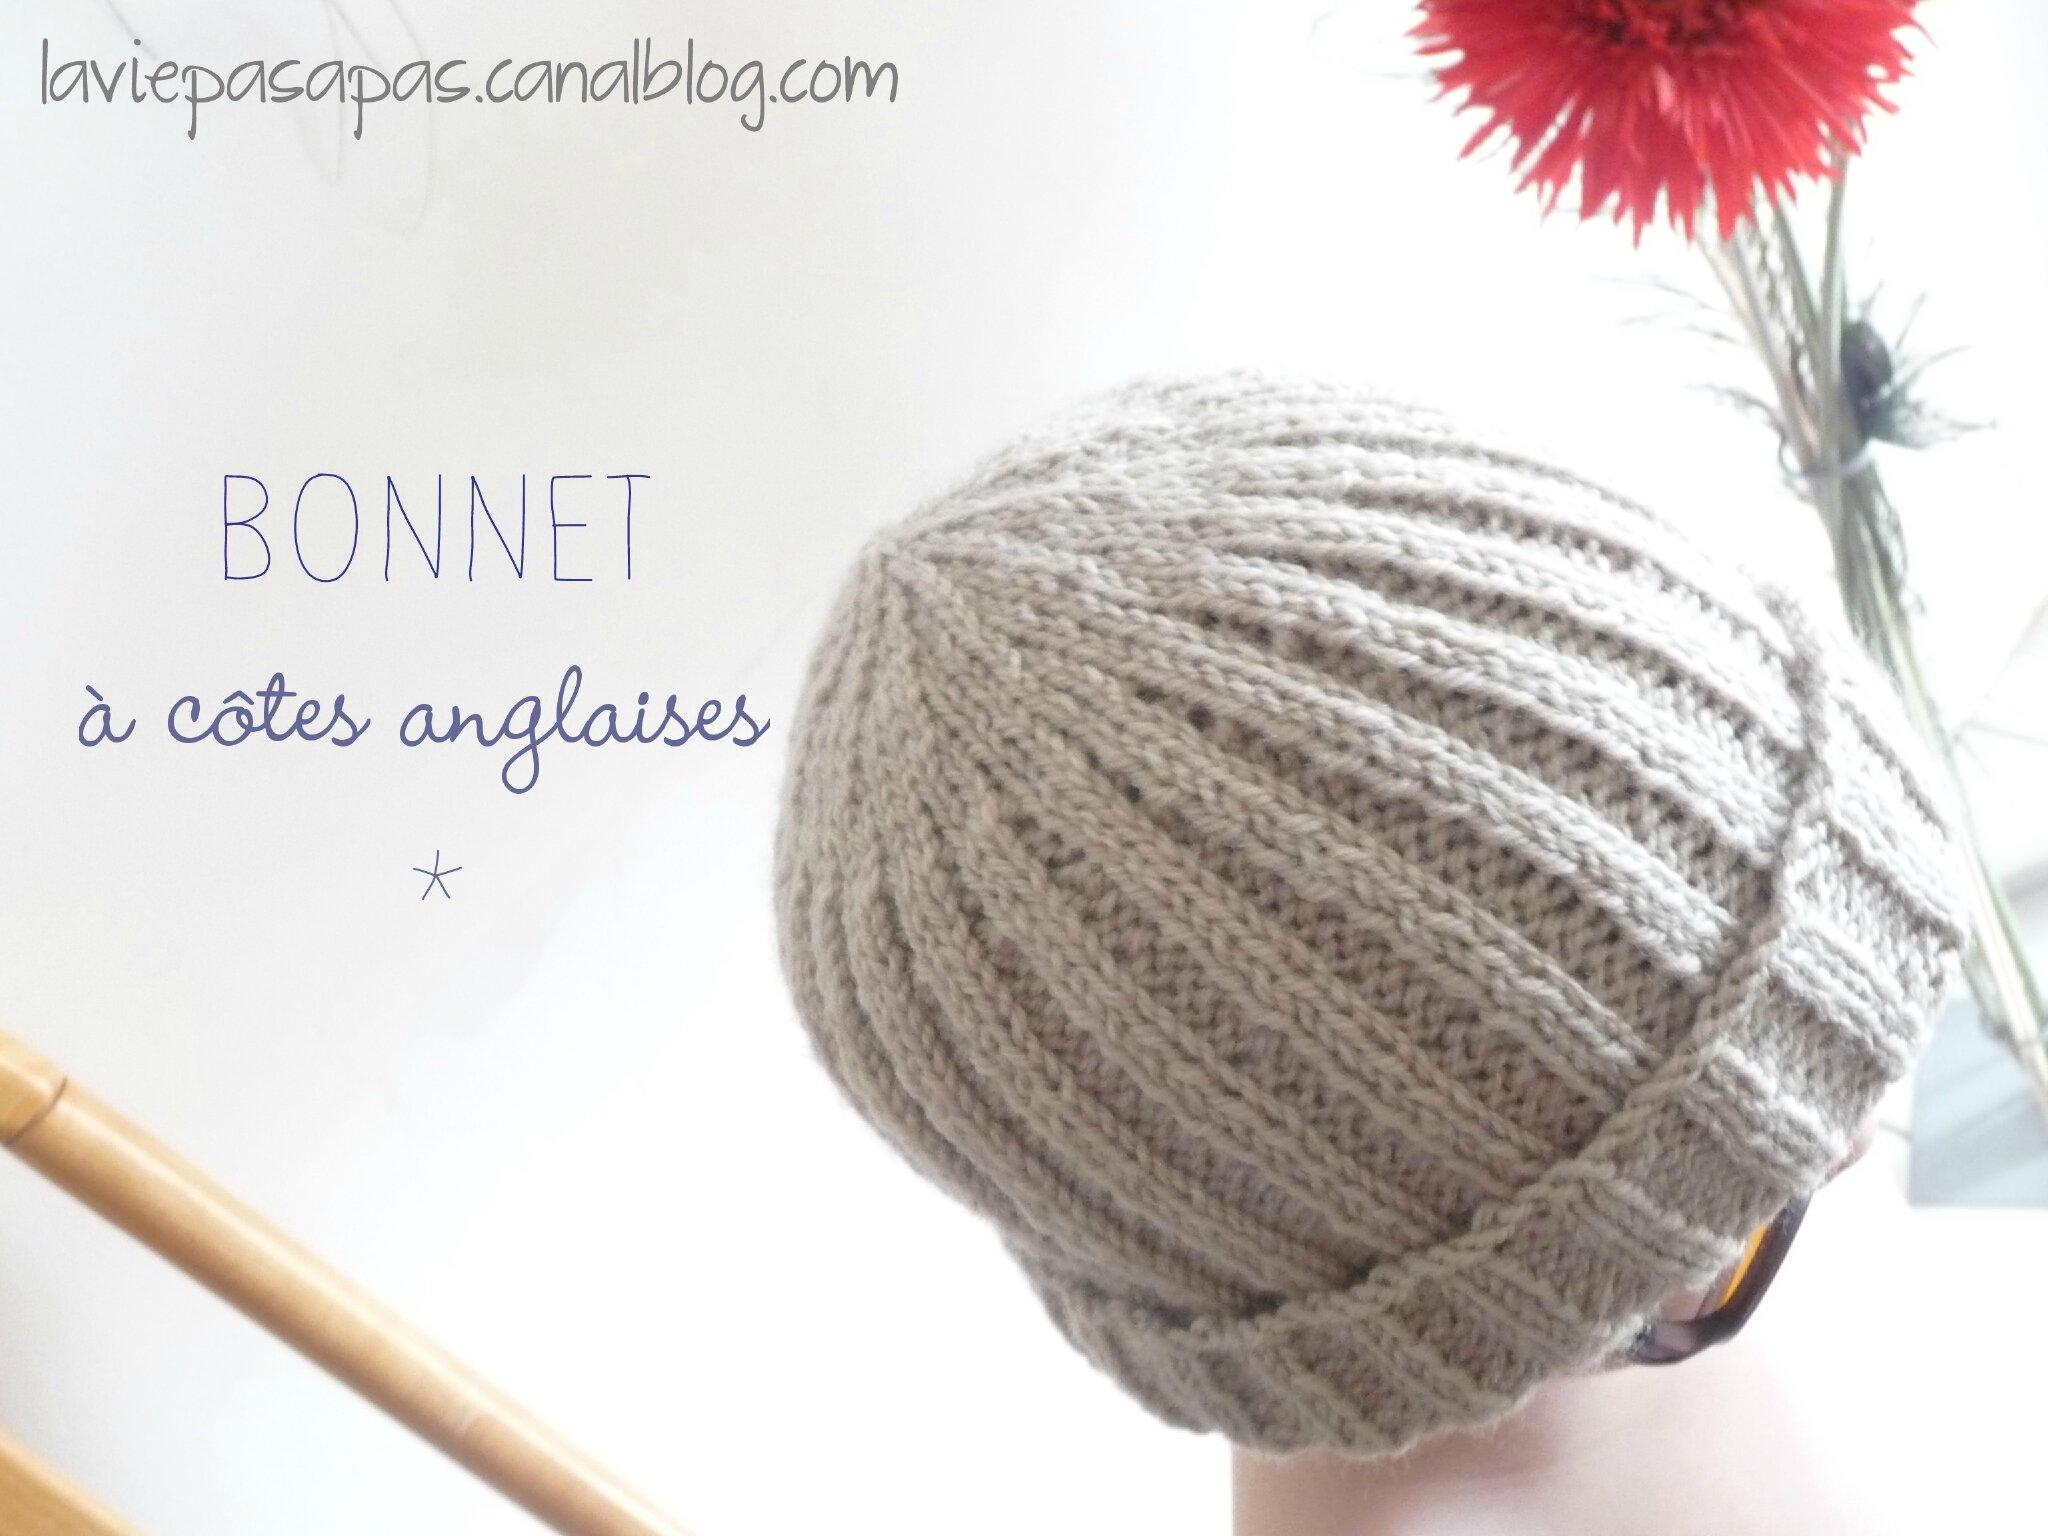 >> Bonnet à côtes, modèle BdF